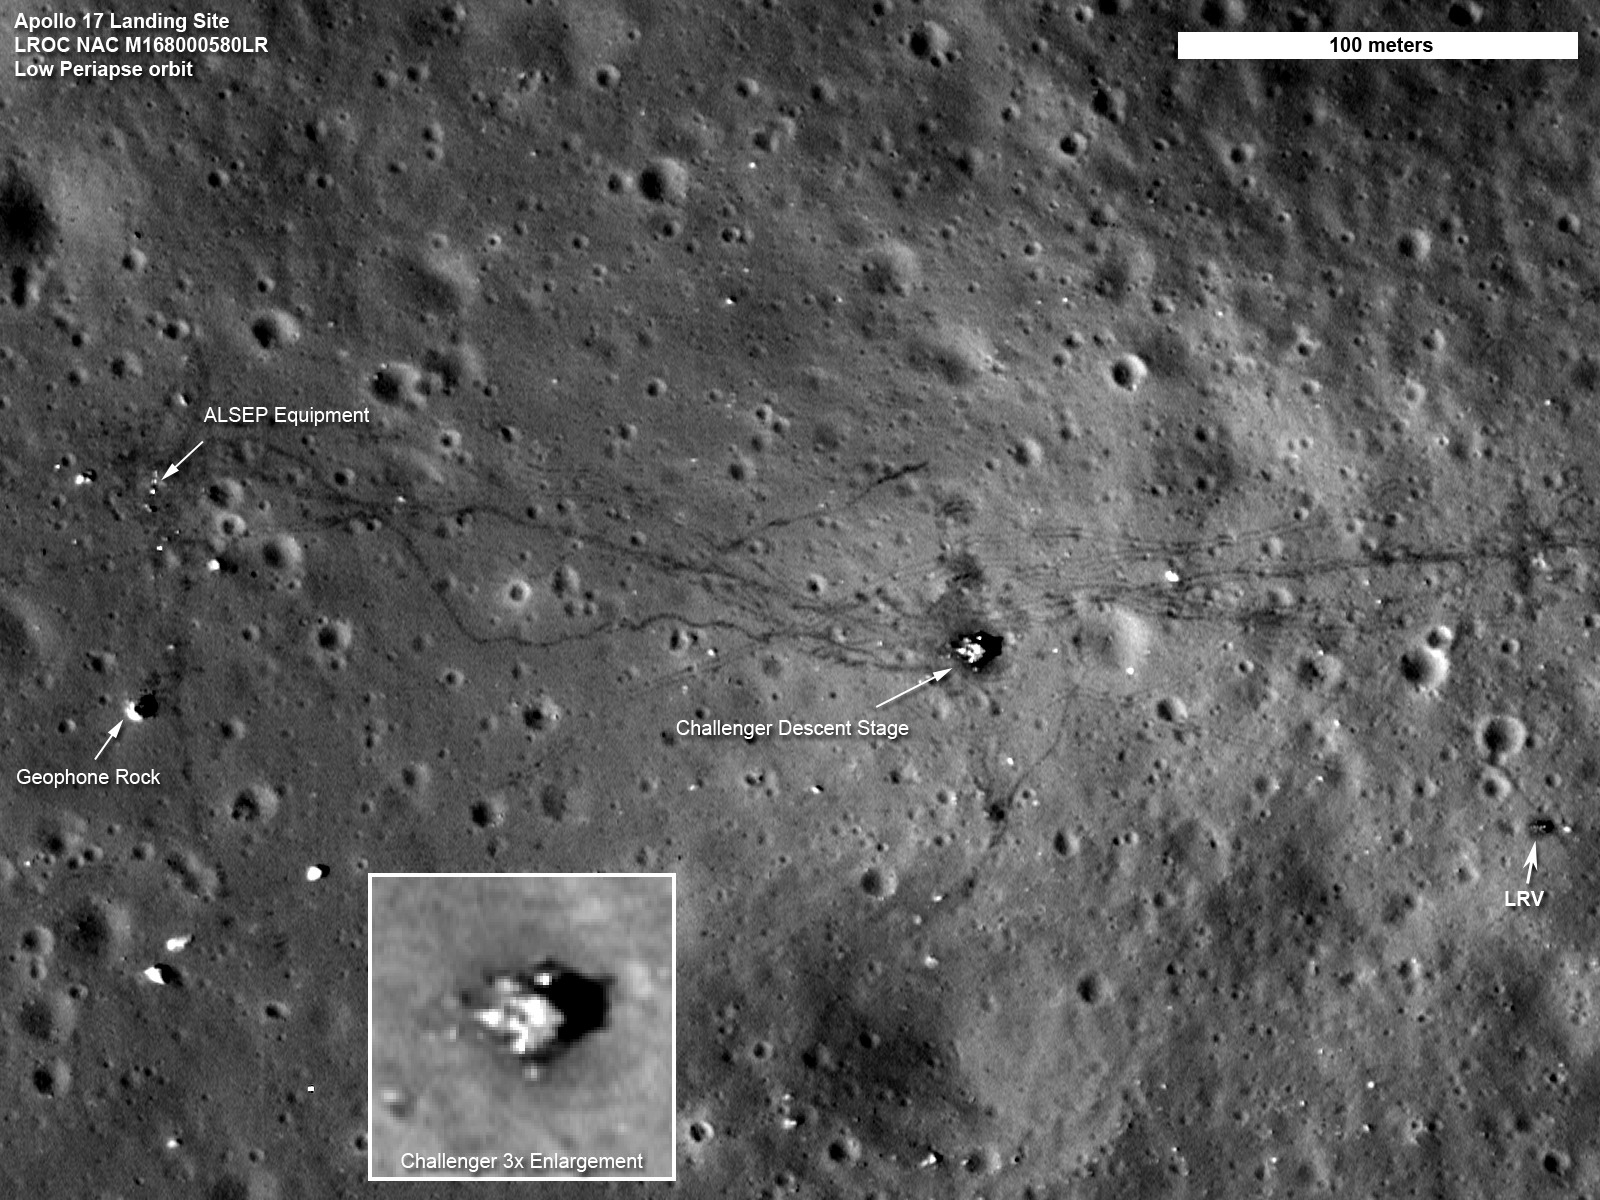 LRO's foto van de landingsplaats van de Apollo17